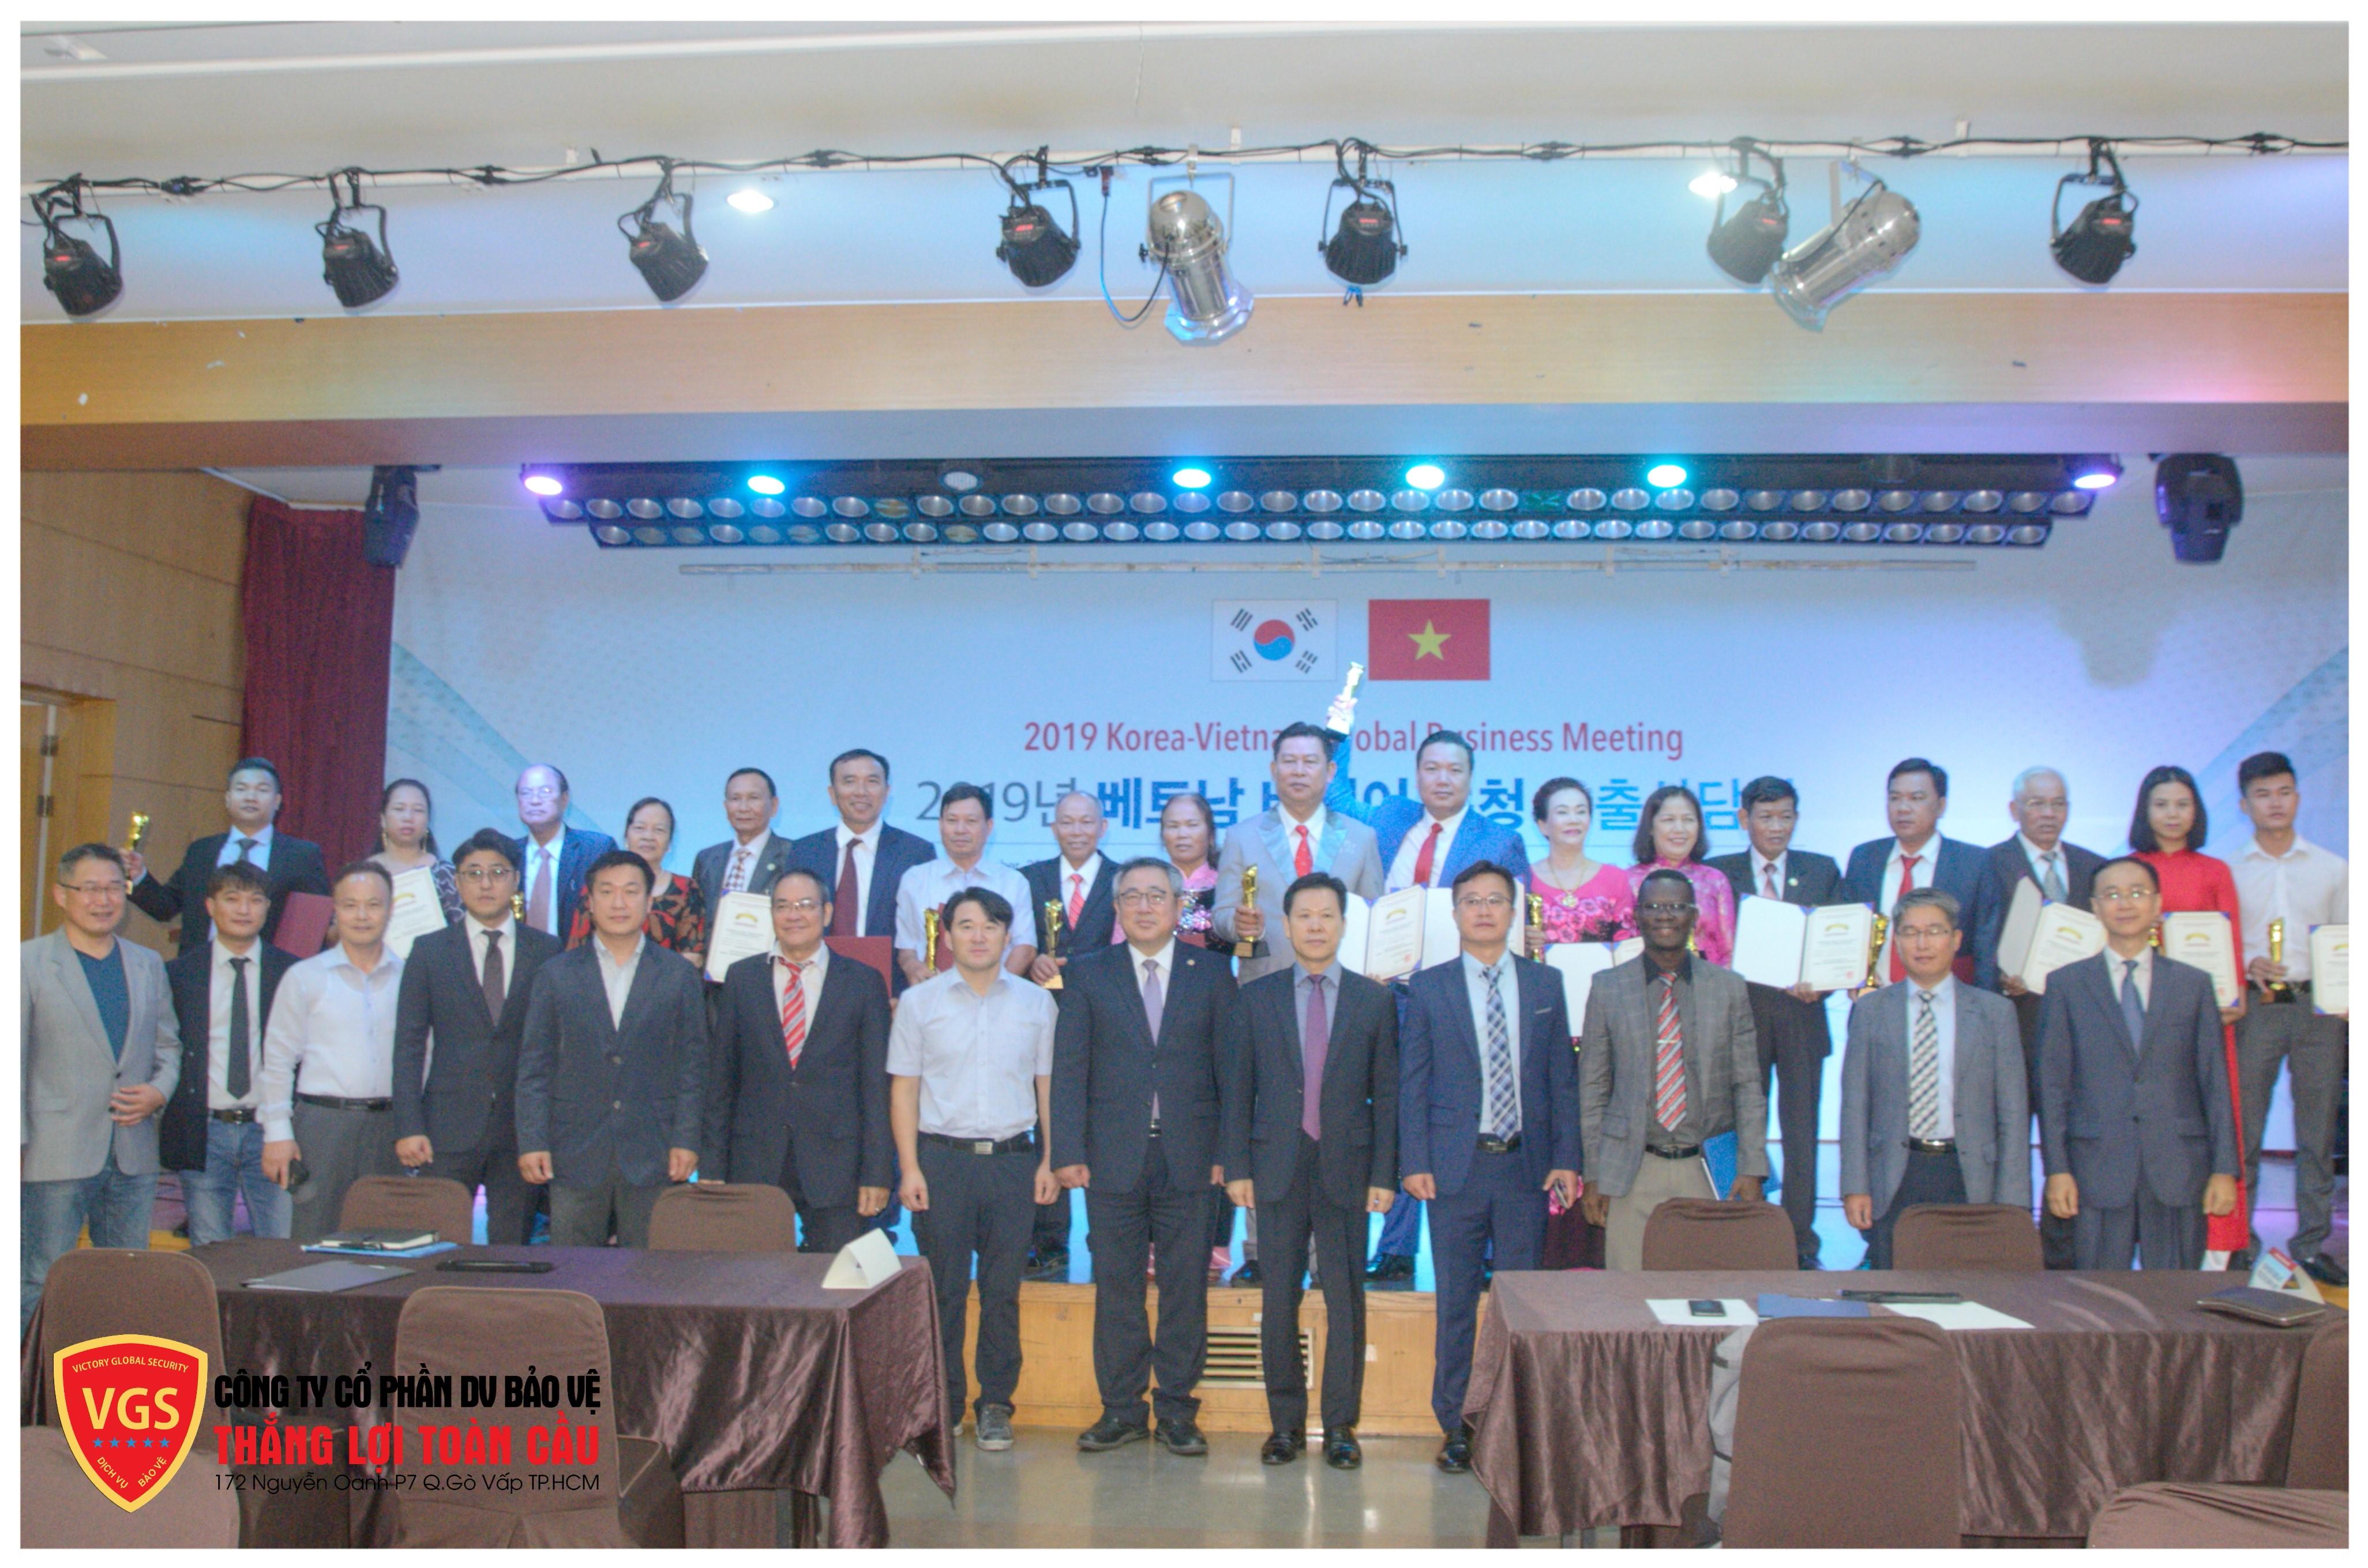 Thắng Lợi Toàn Cầu– VGS được vinh danh tại Hàn Quốc  - Ảnh 1